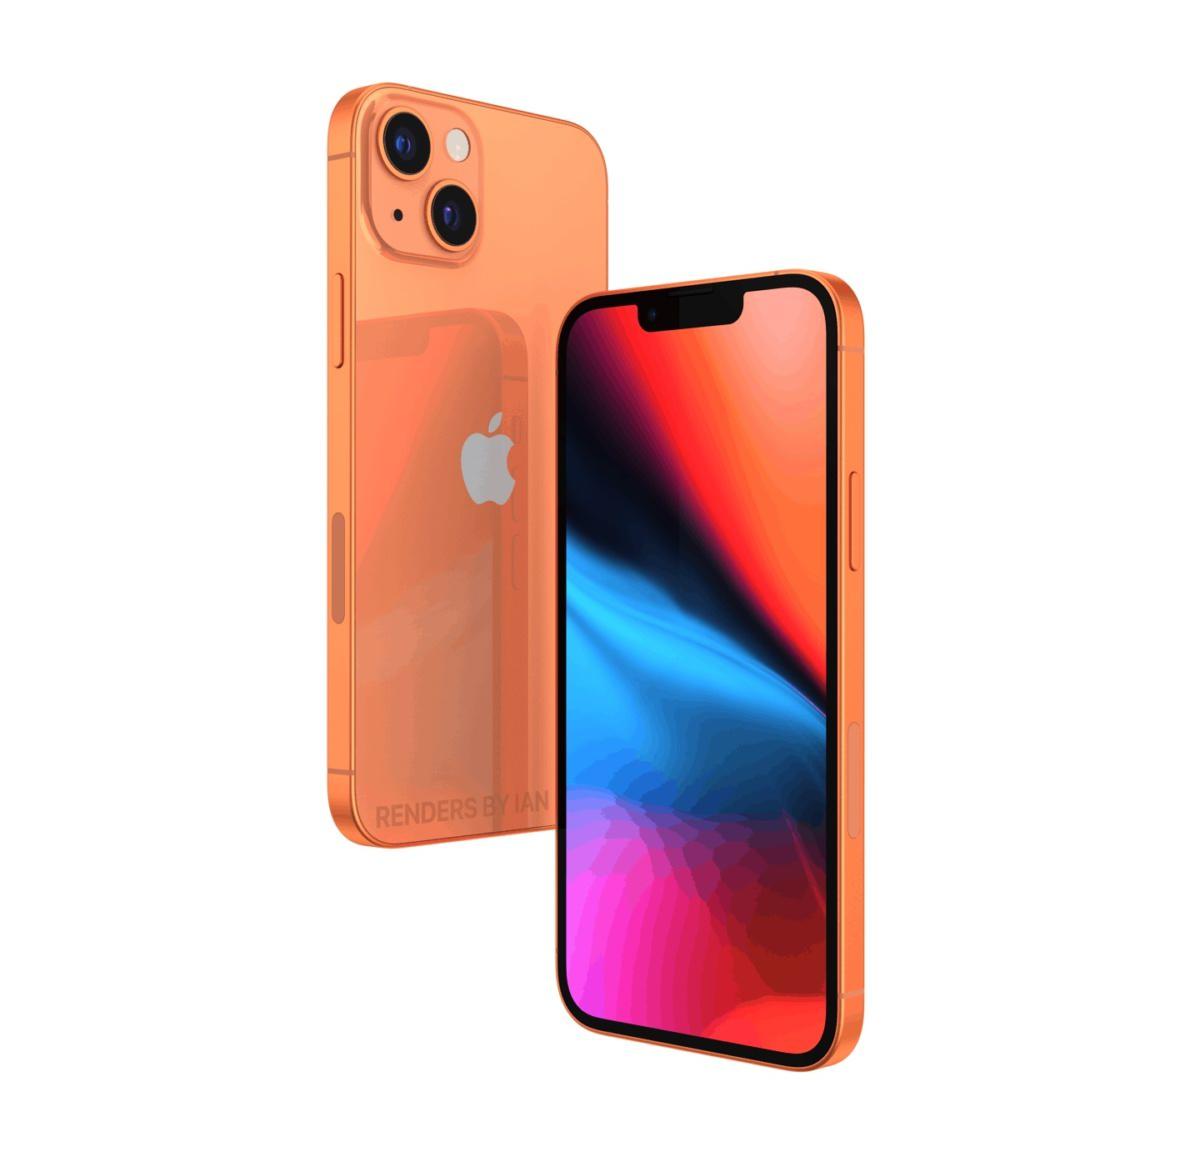 آیفون ۱۳ اپل با رنگ های جدید نارنجی-برنزی و رز صورتی عرضه خواهد شد - ترنجی